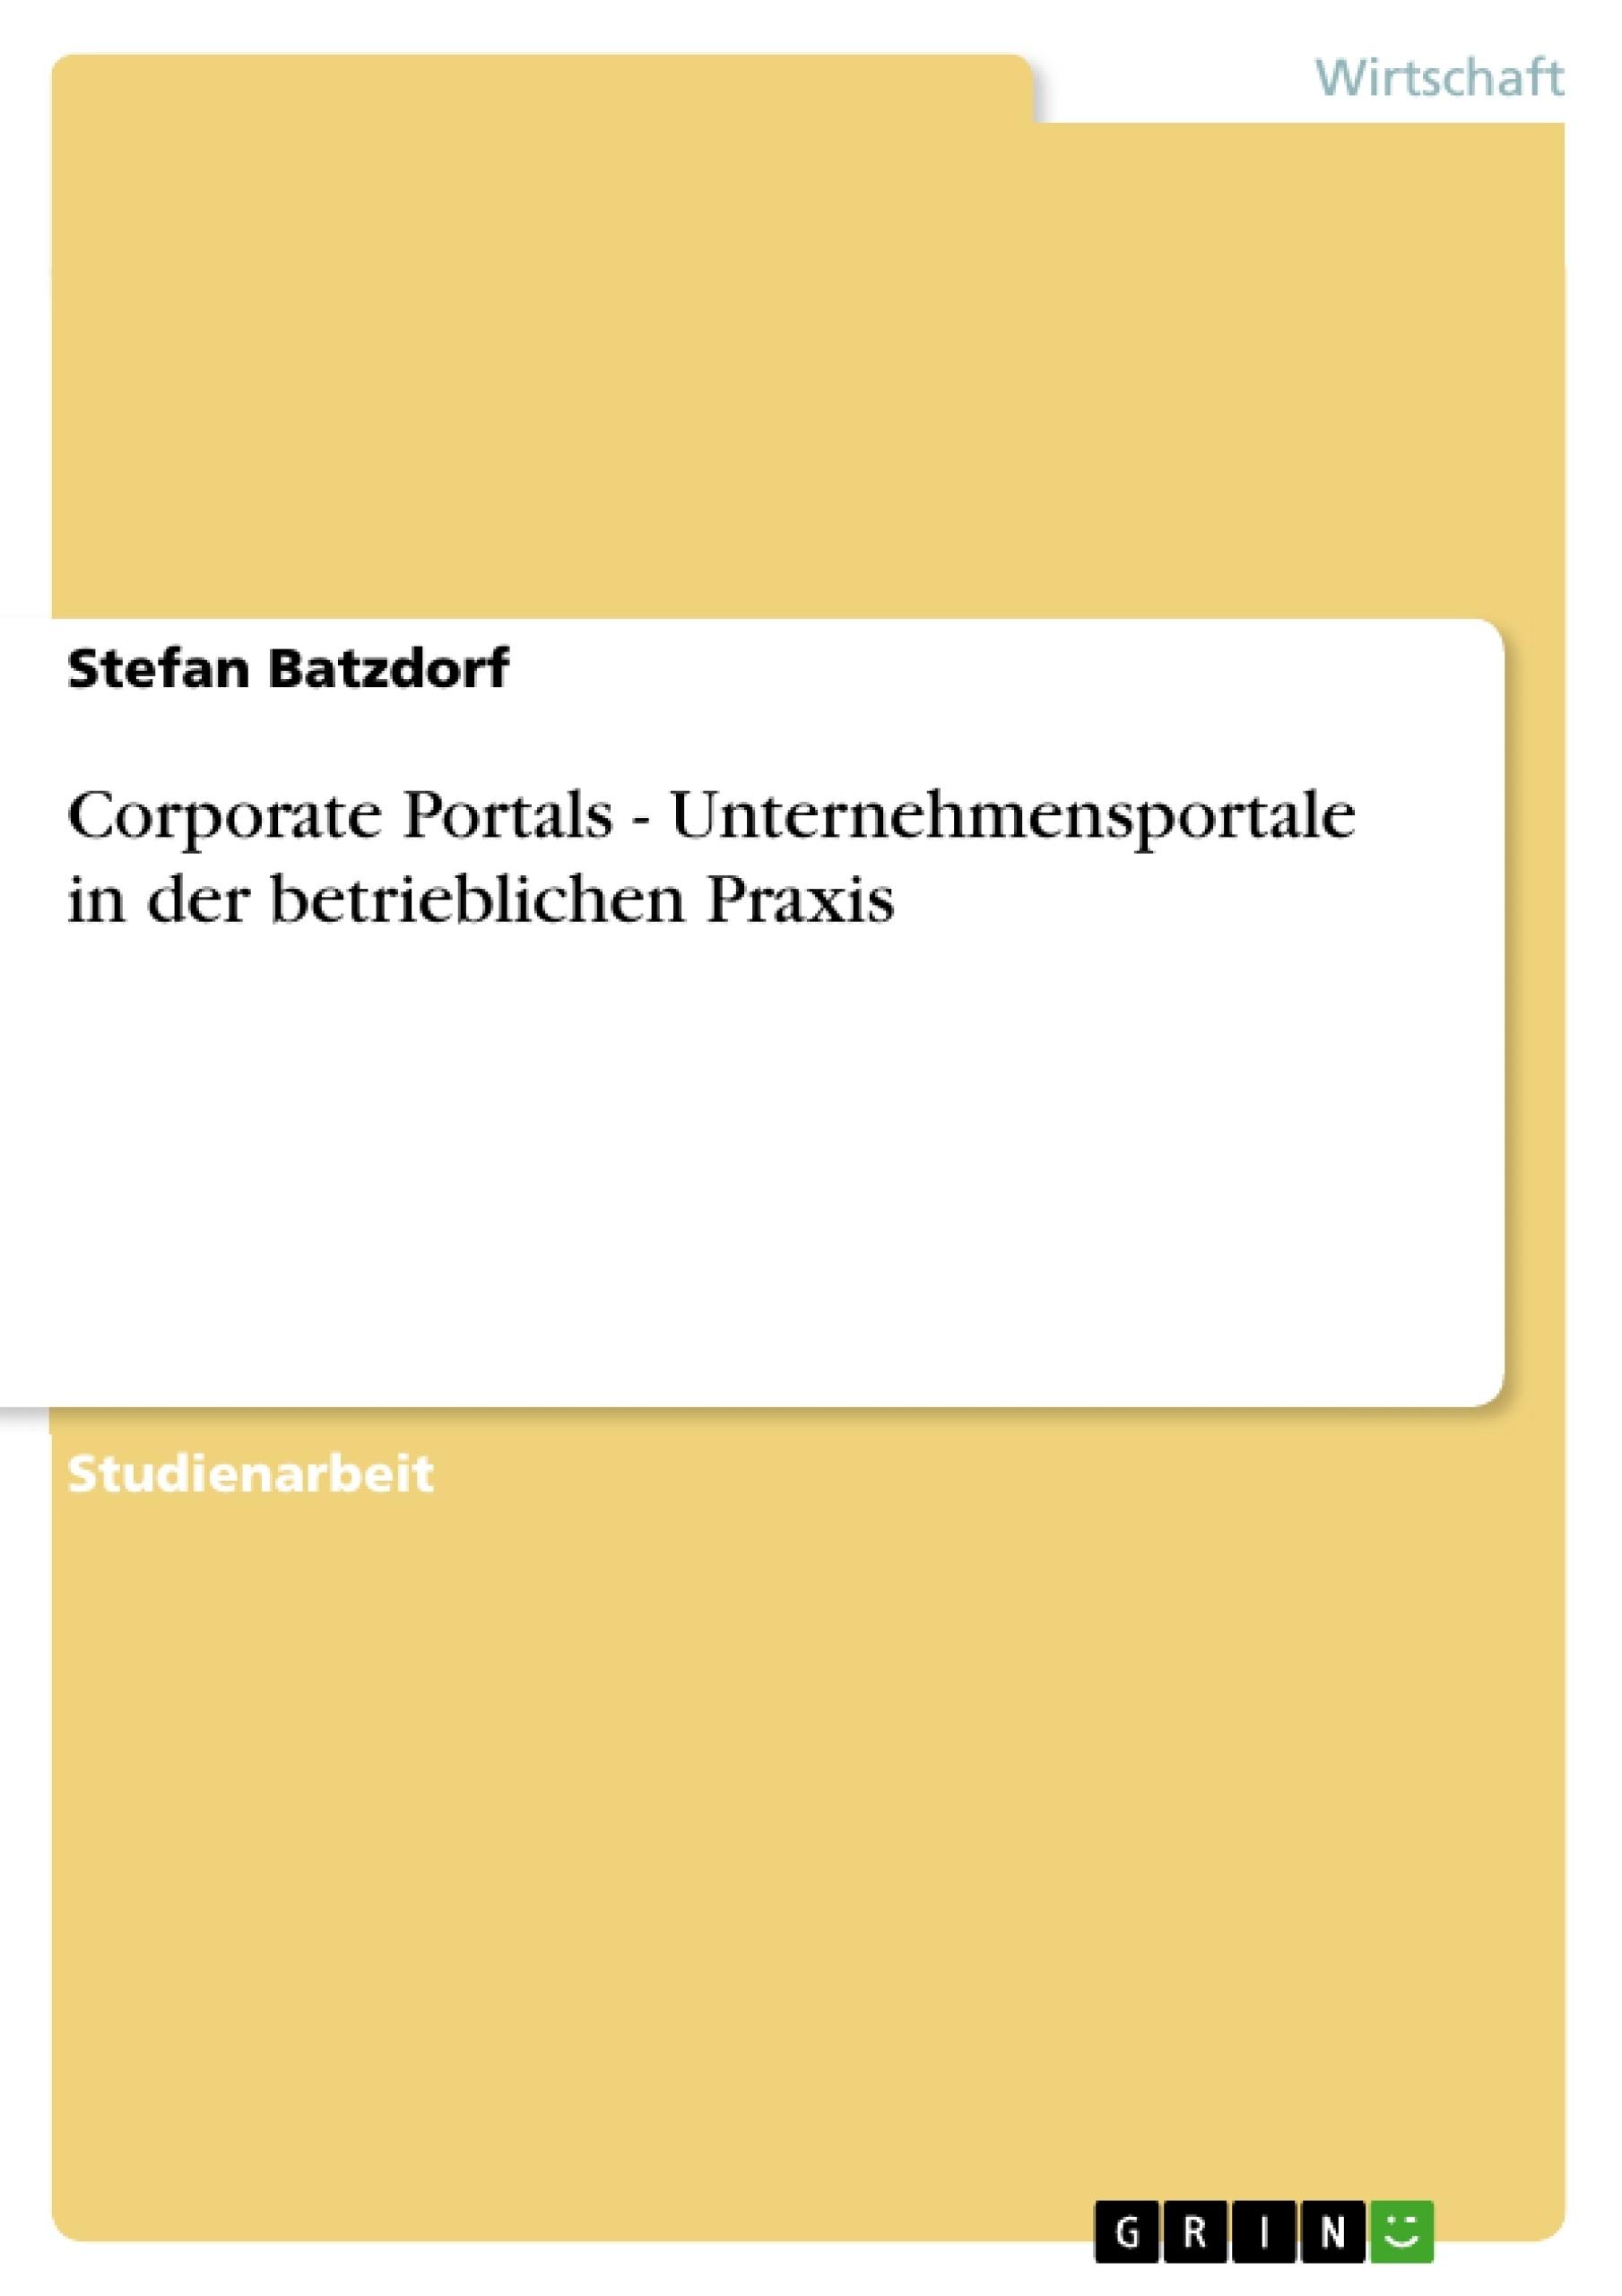 Titel: Corporate Portals - Unternehmensportale in der betrieblichen Praxis